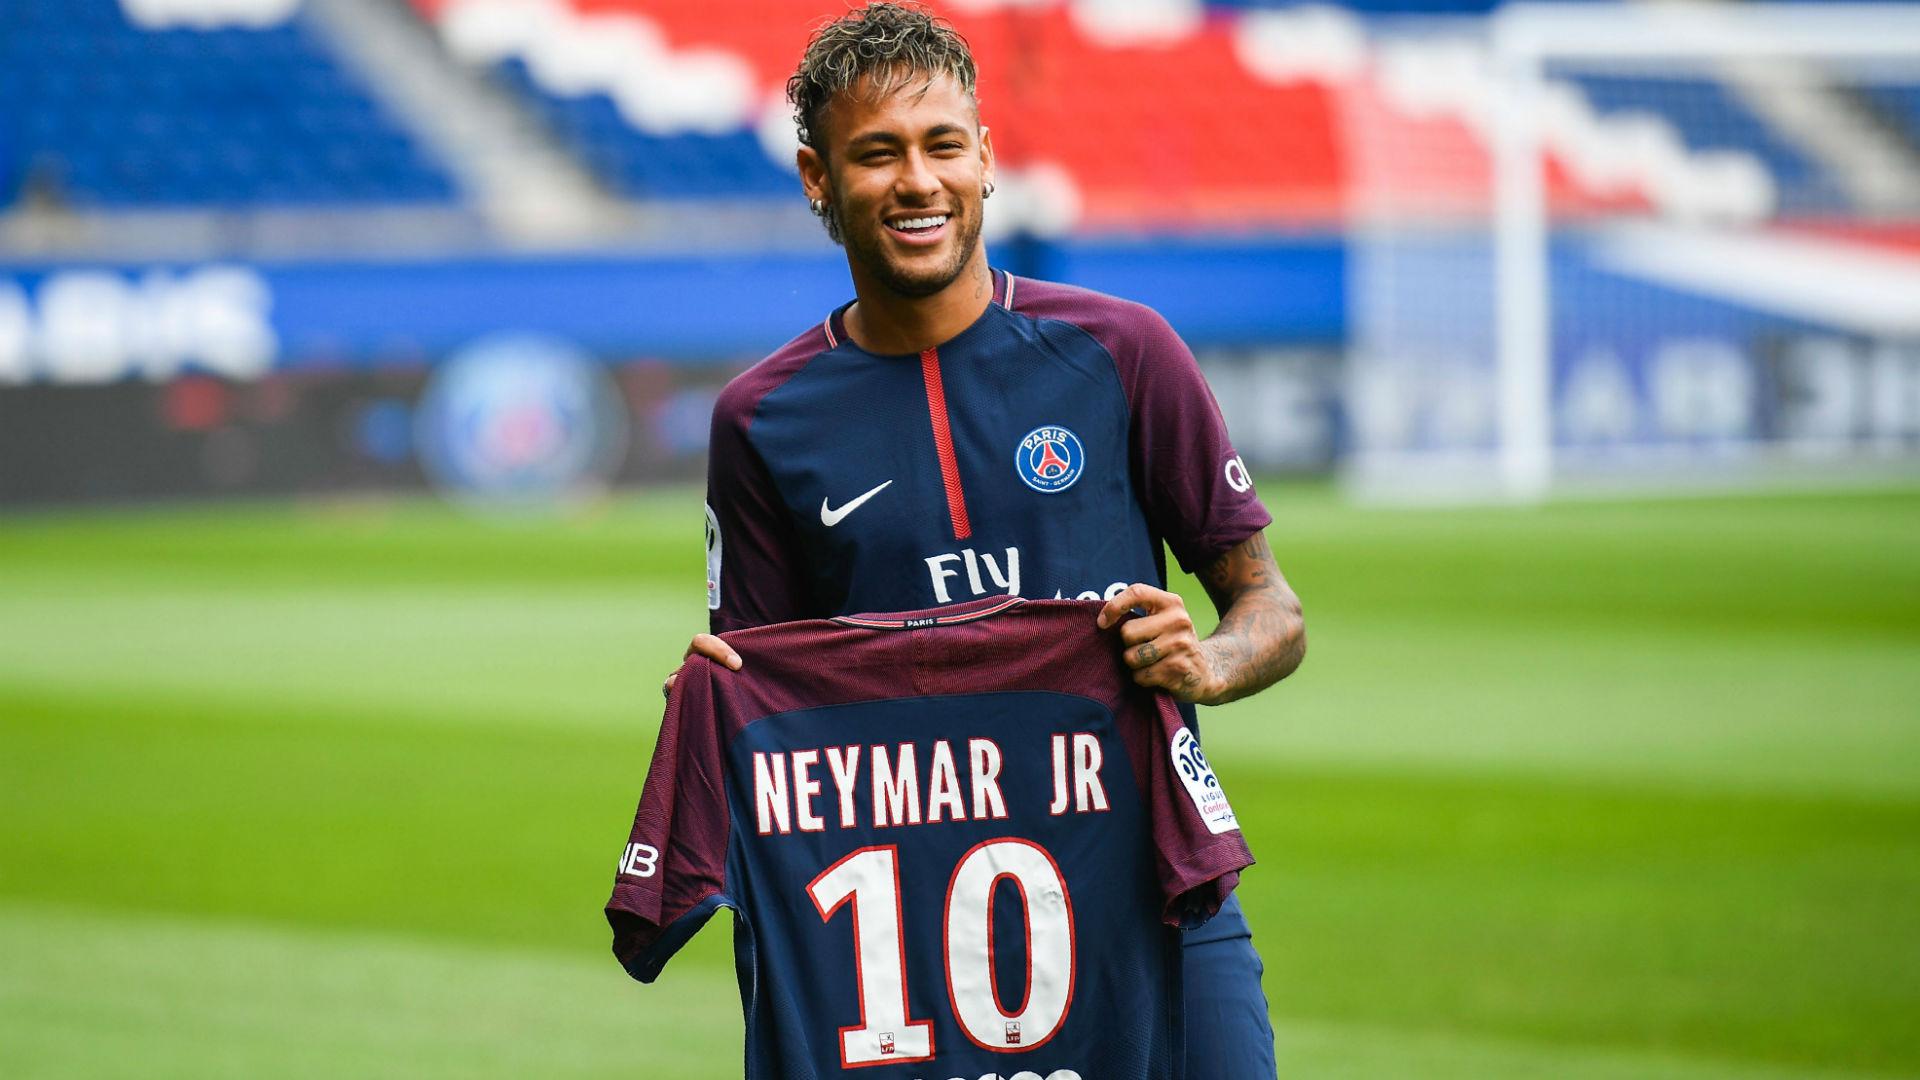 L'Equipe: Neymar resterà al Psg, la confessione ai giornalisti brasiliani